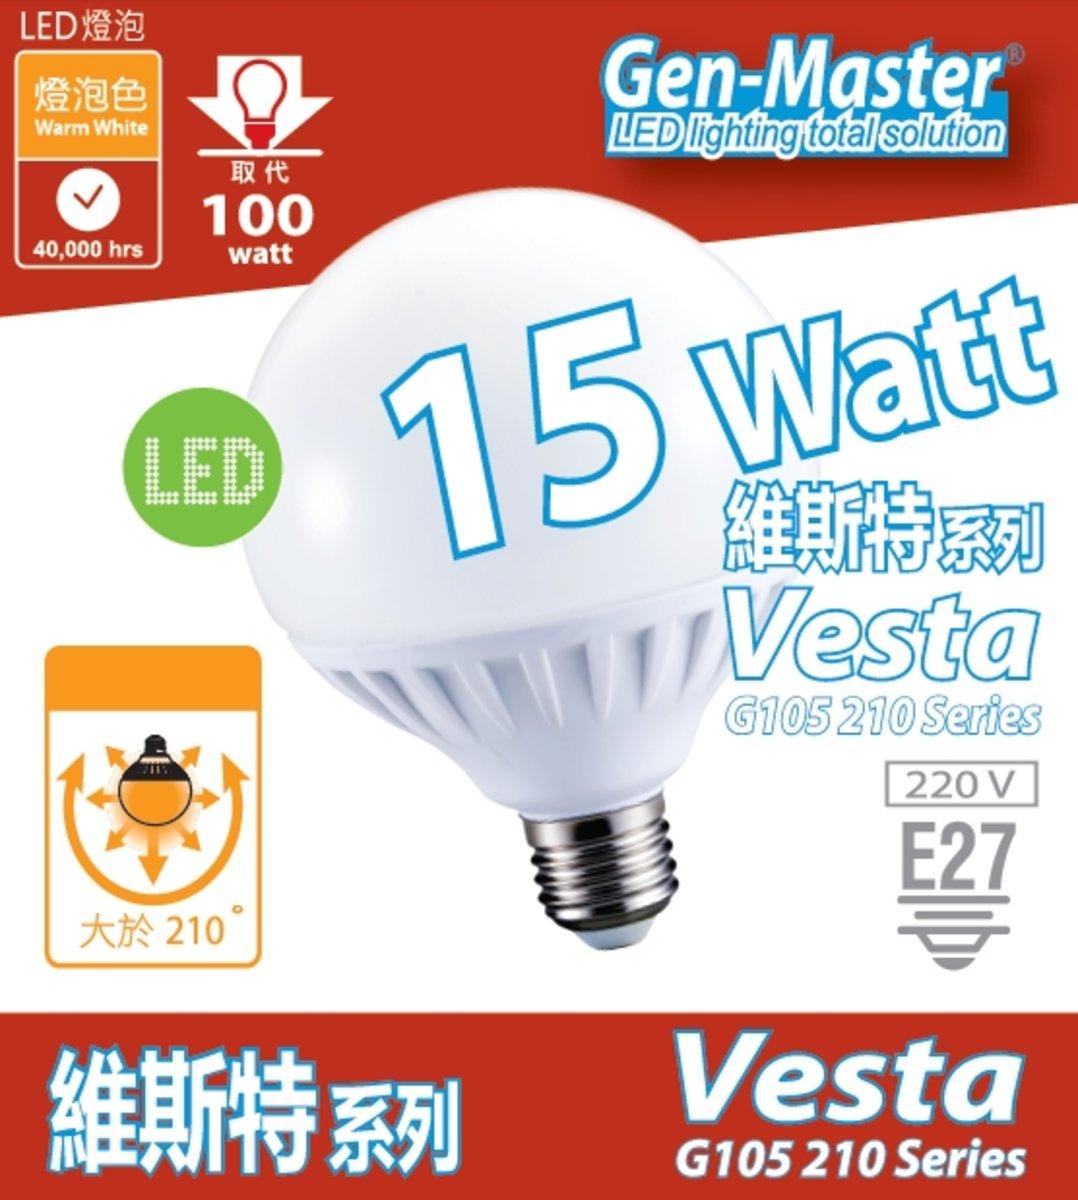 VESTA LED Bulb 15W Warm White 3000K E27